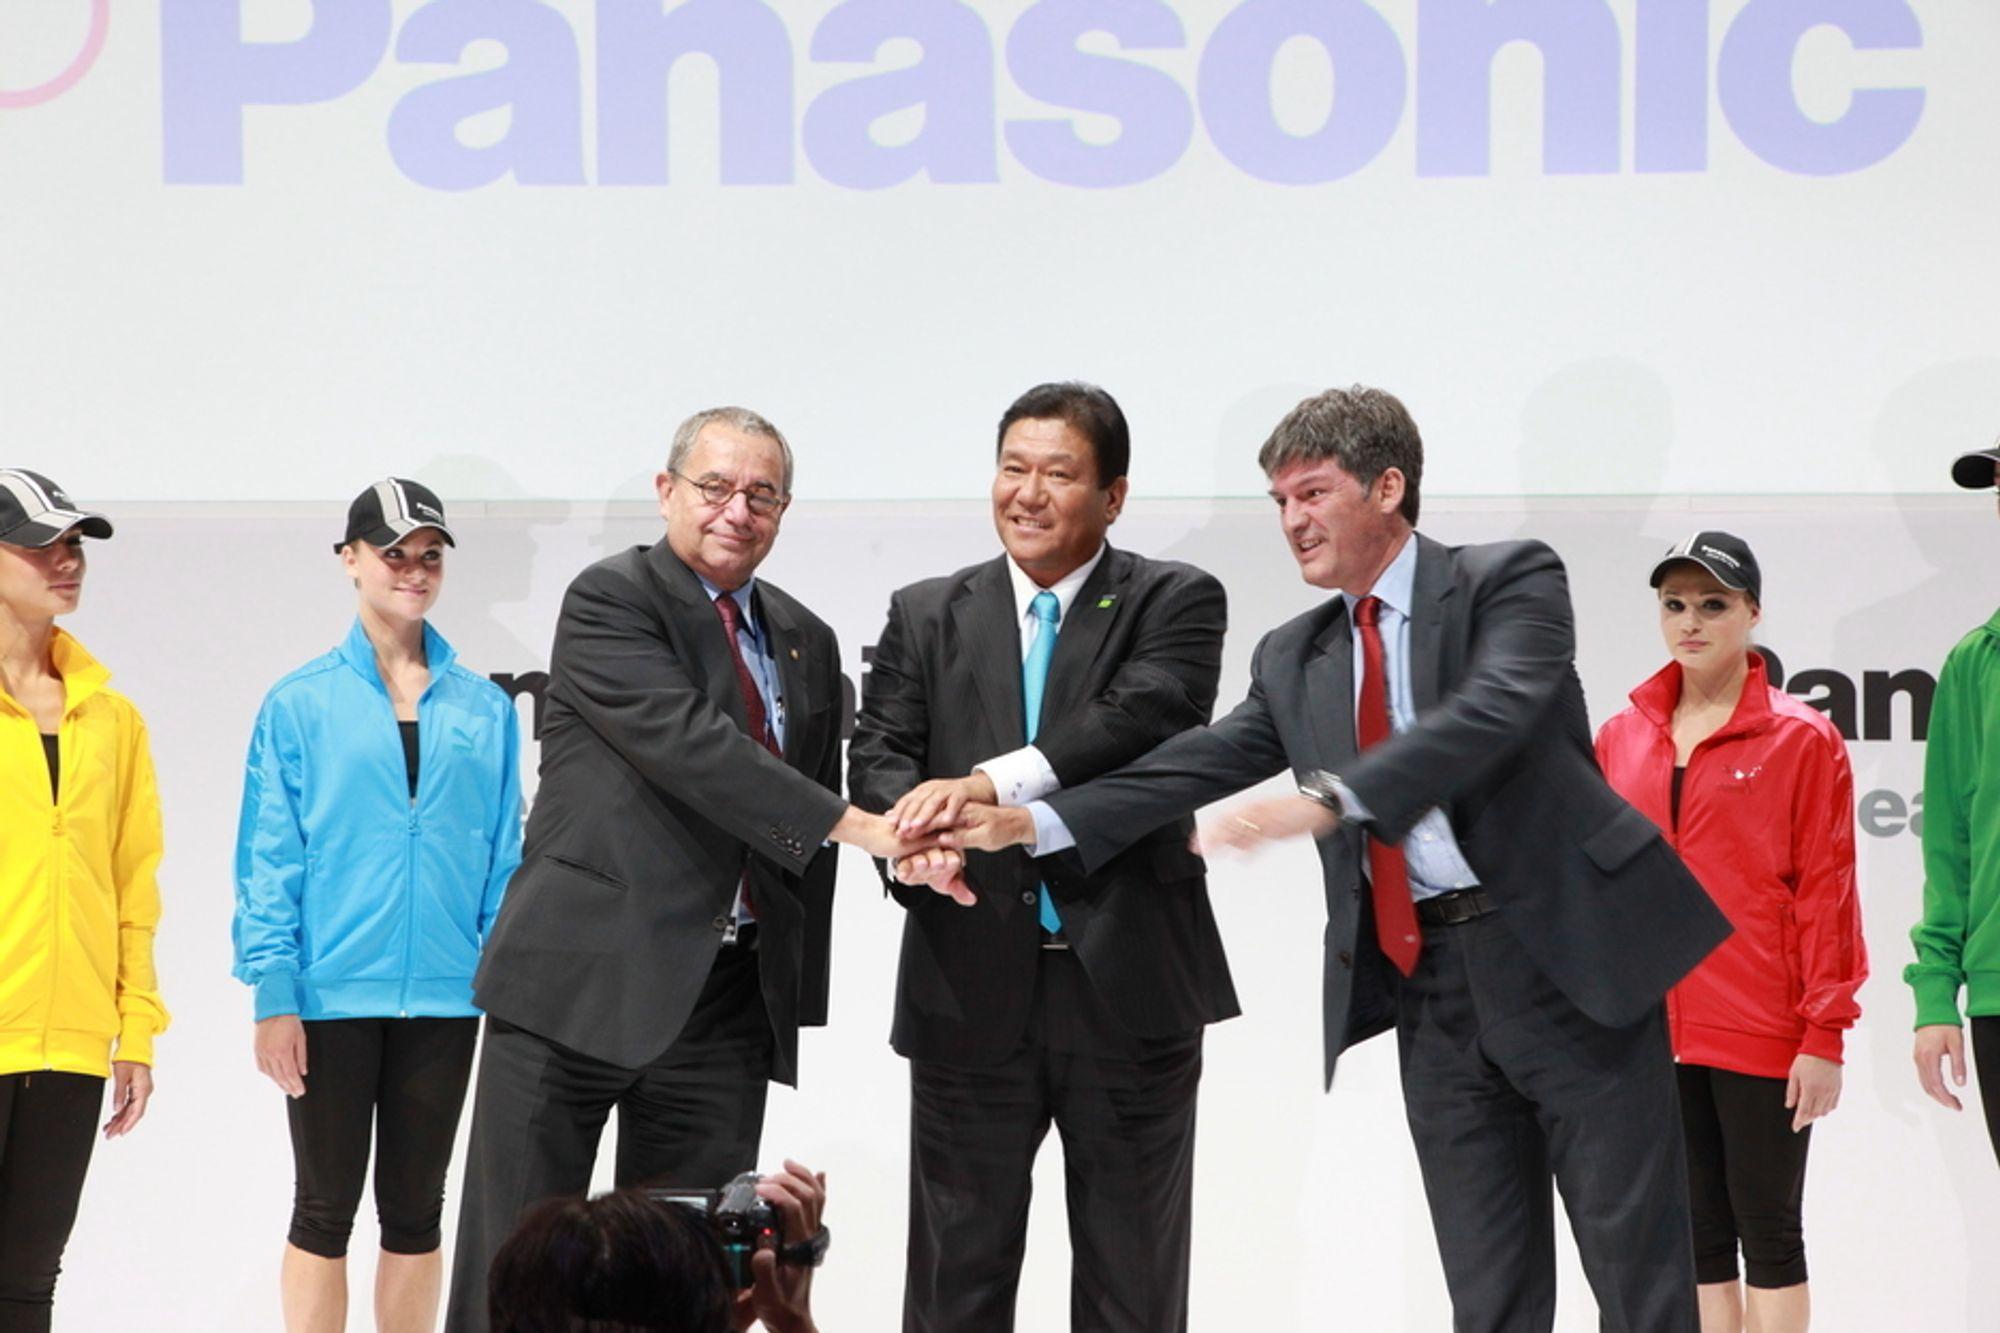 Panasonic-sjef Takumi Kajisha (i midten) og sjef for de olympiske TV-sendingene, Manolo Romero, tok hverandre symbolsk i hendene for å annonsere at neste års OL skal sendes i 3D.